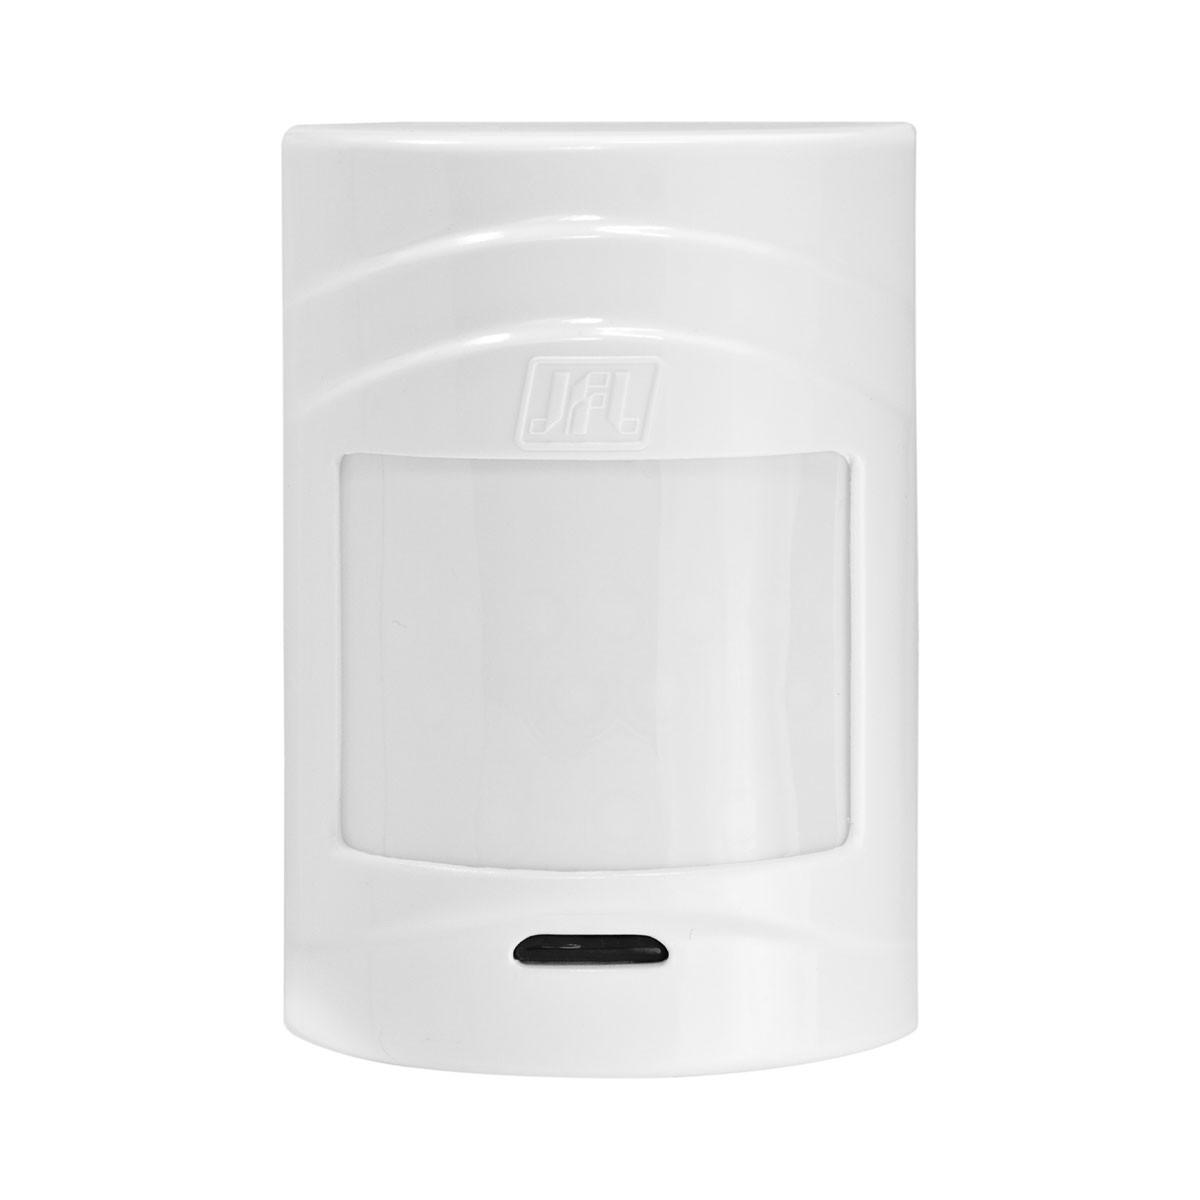 Kit Alarme Jfl Smartcloud 18 Com Sensor Sem Fio Ir Pet 530 Sf Jfl